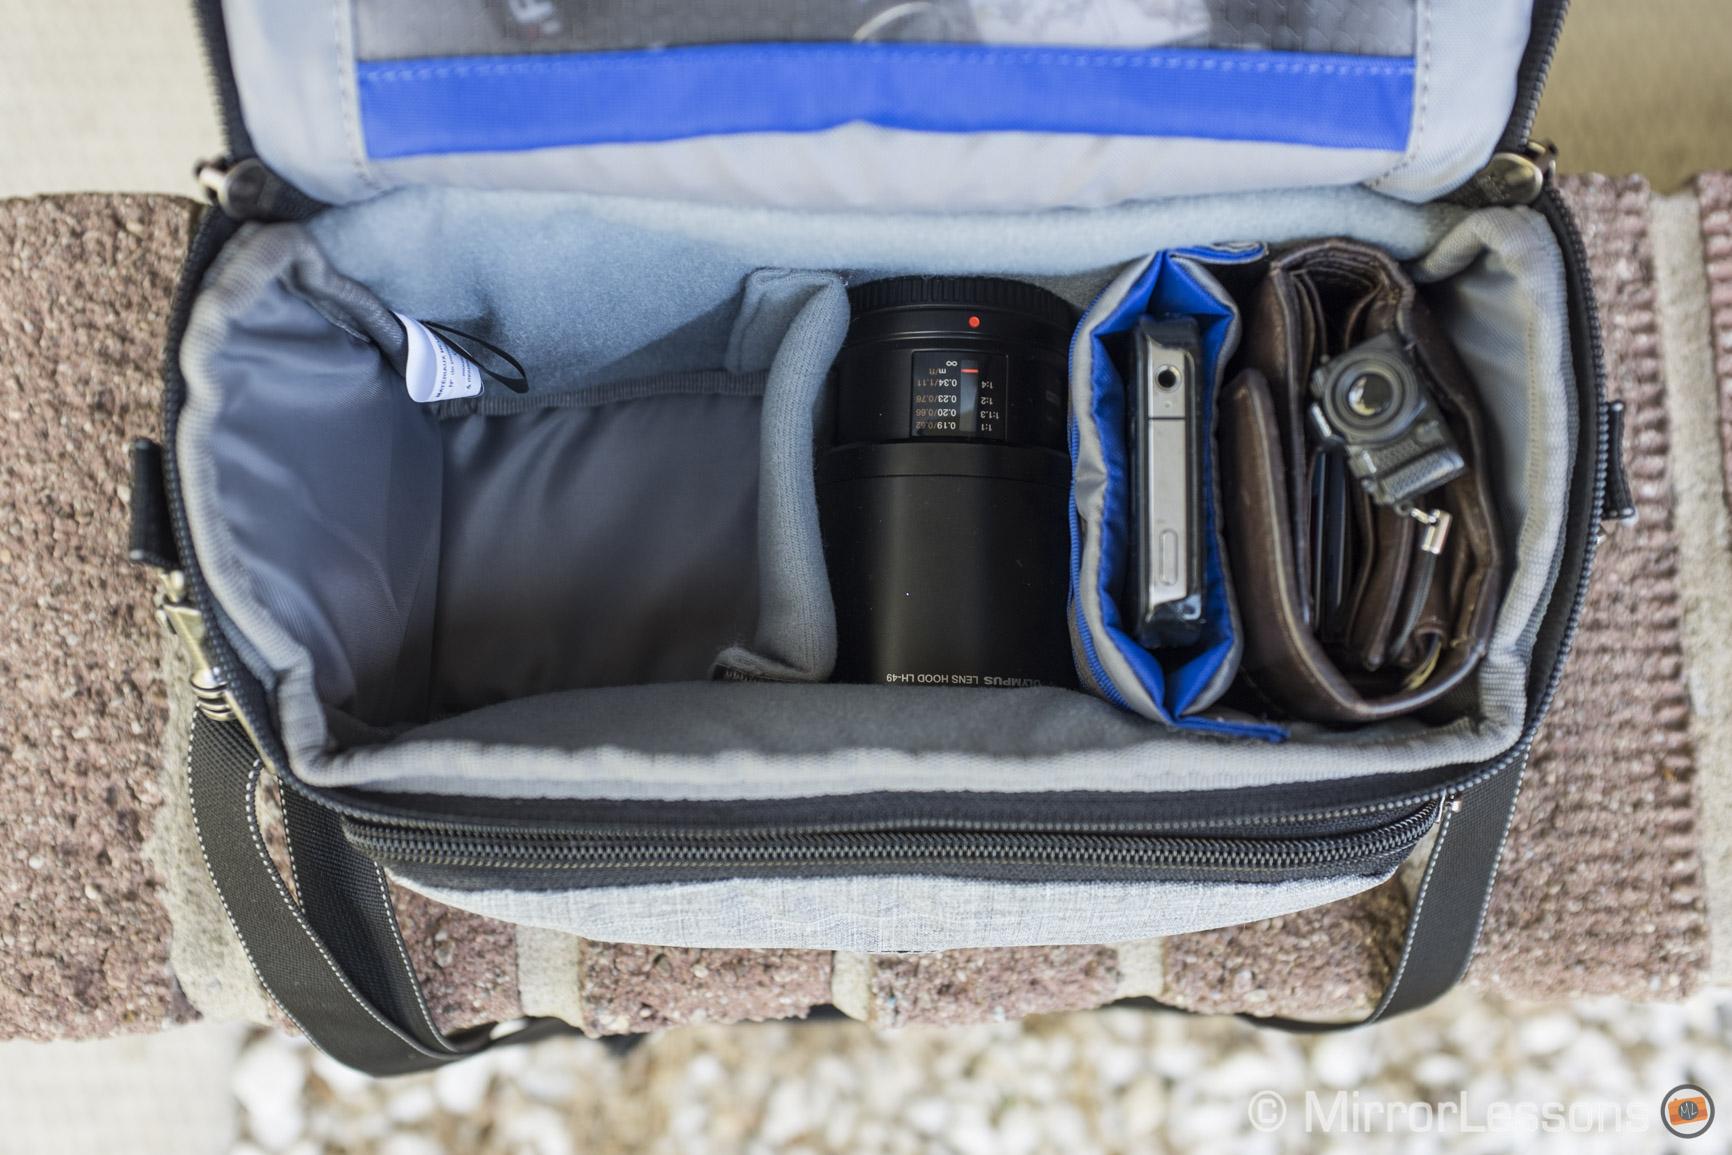 Think Tank Mirrorless Mover 20 Review A Camera Bag Made